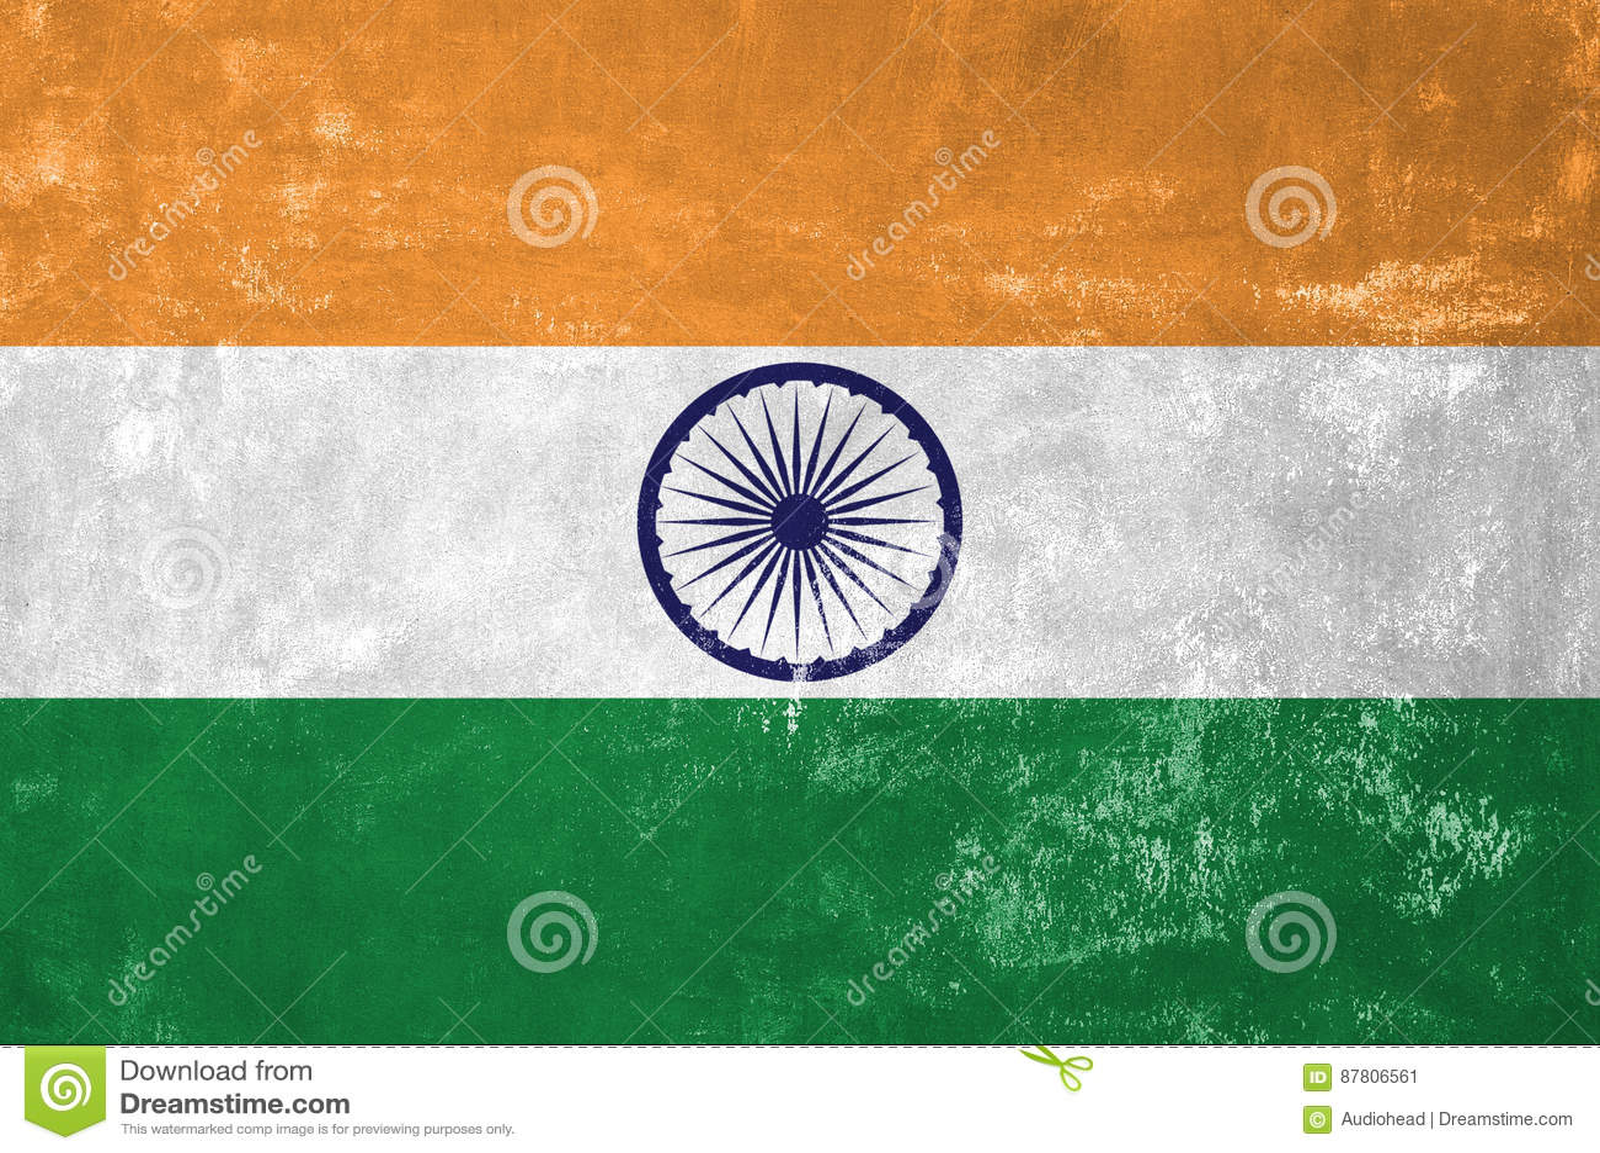 Indianin flaga